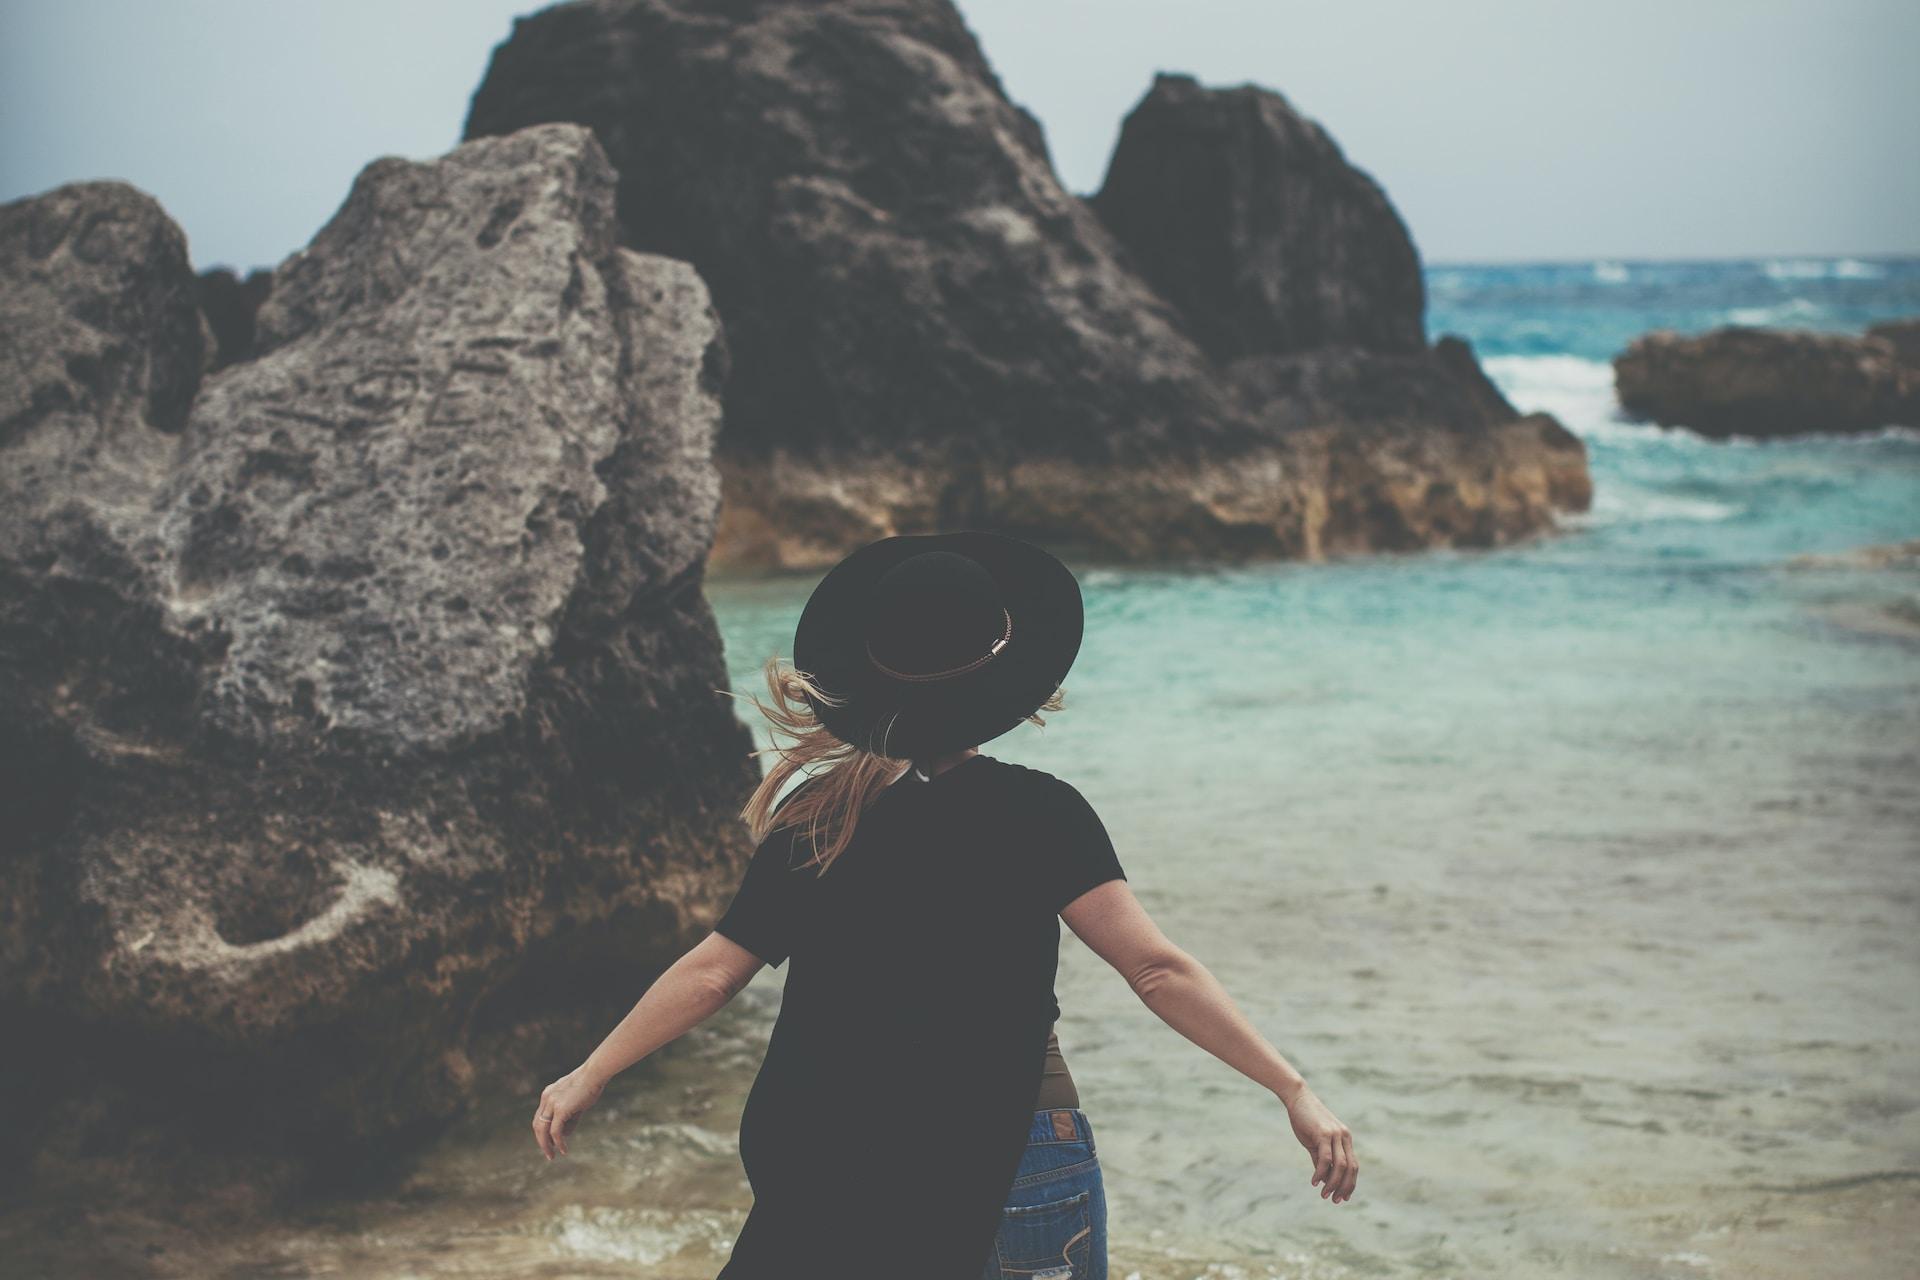 woman standing on rock near ocean shoreline